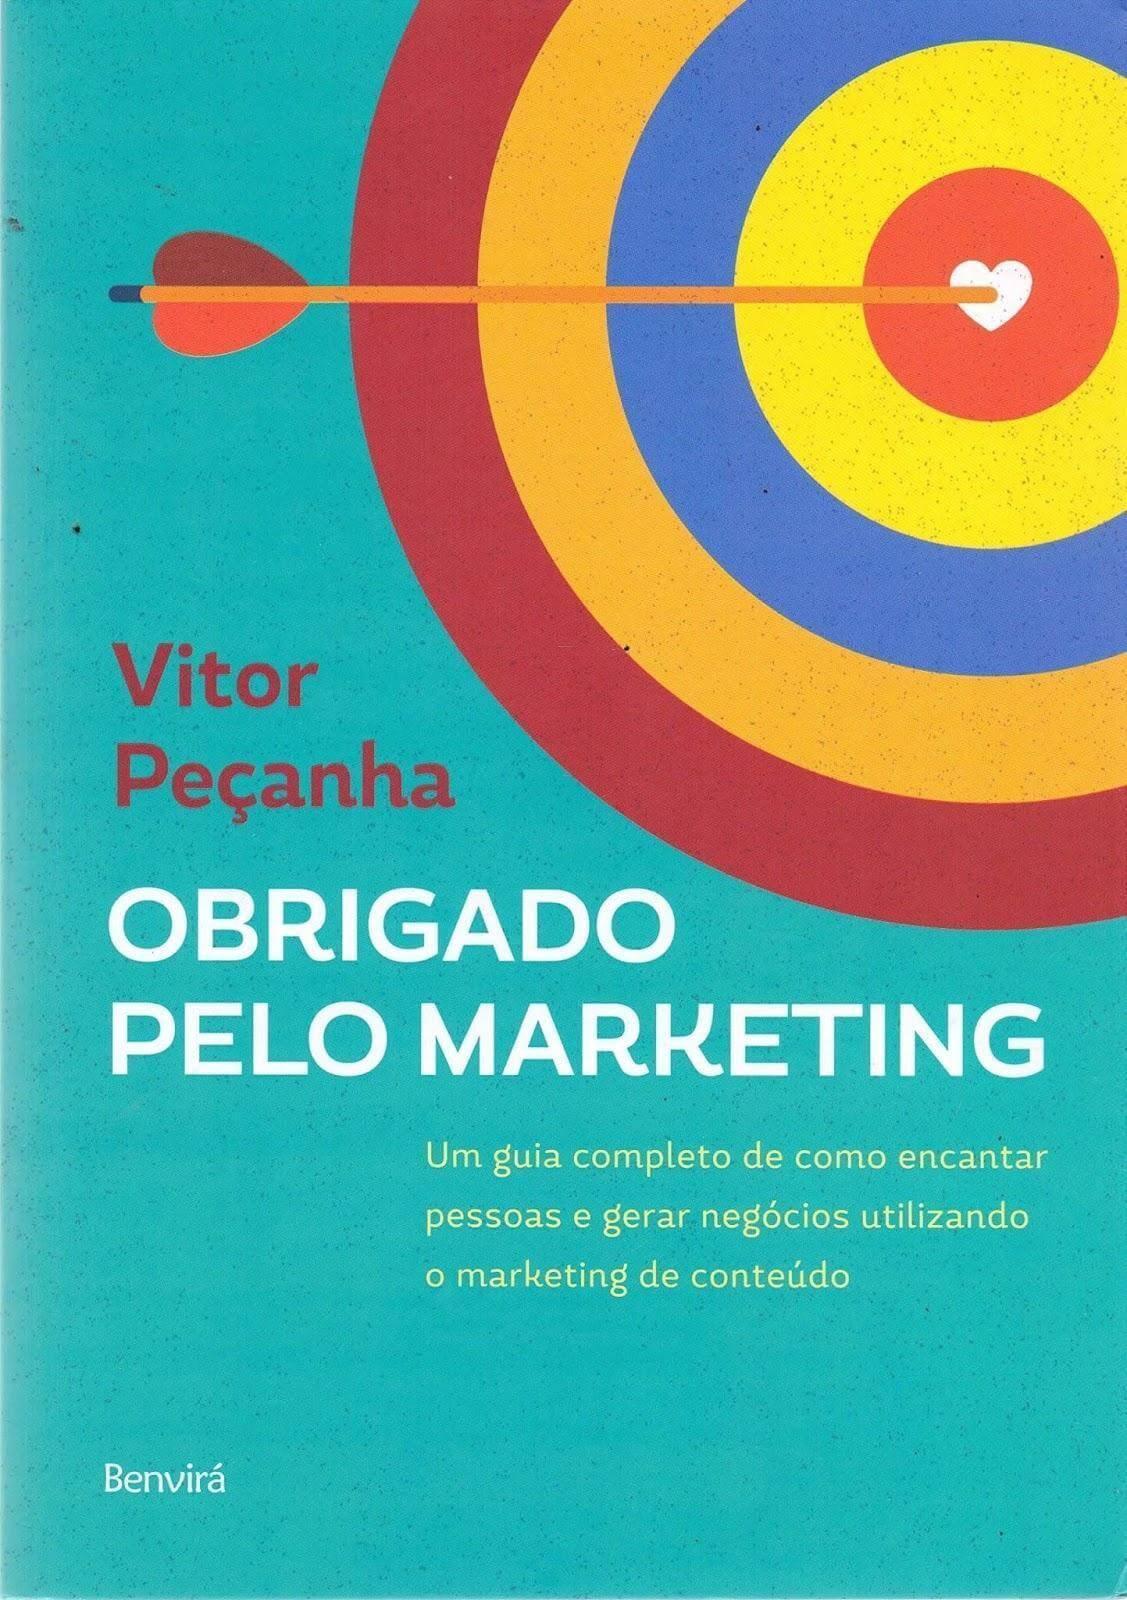 Livro Obrigado Pelo Marketing, de Vitor Peçanha